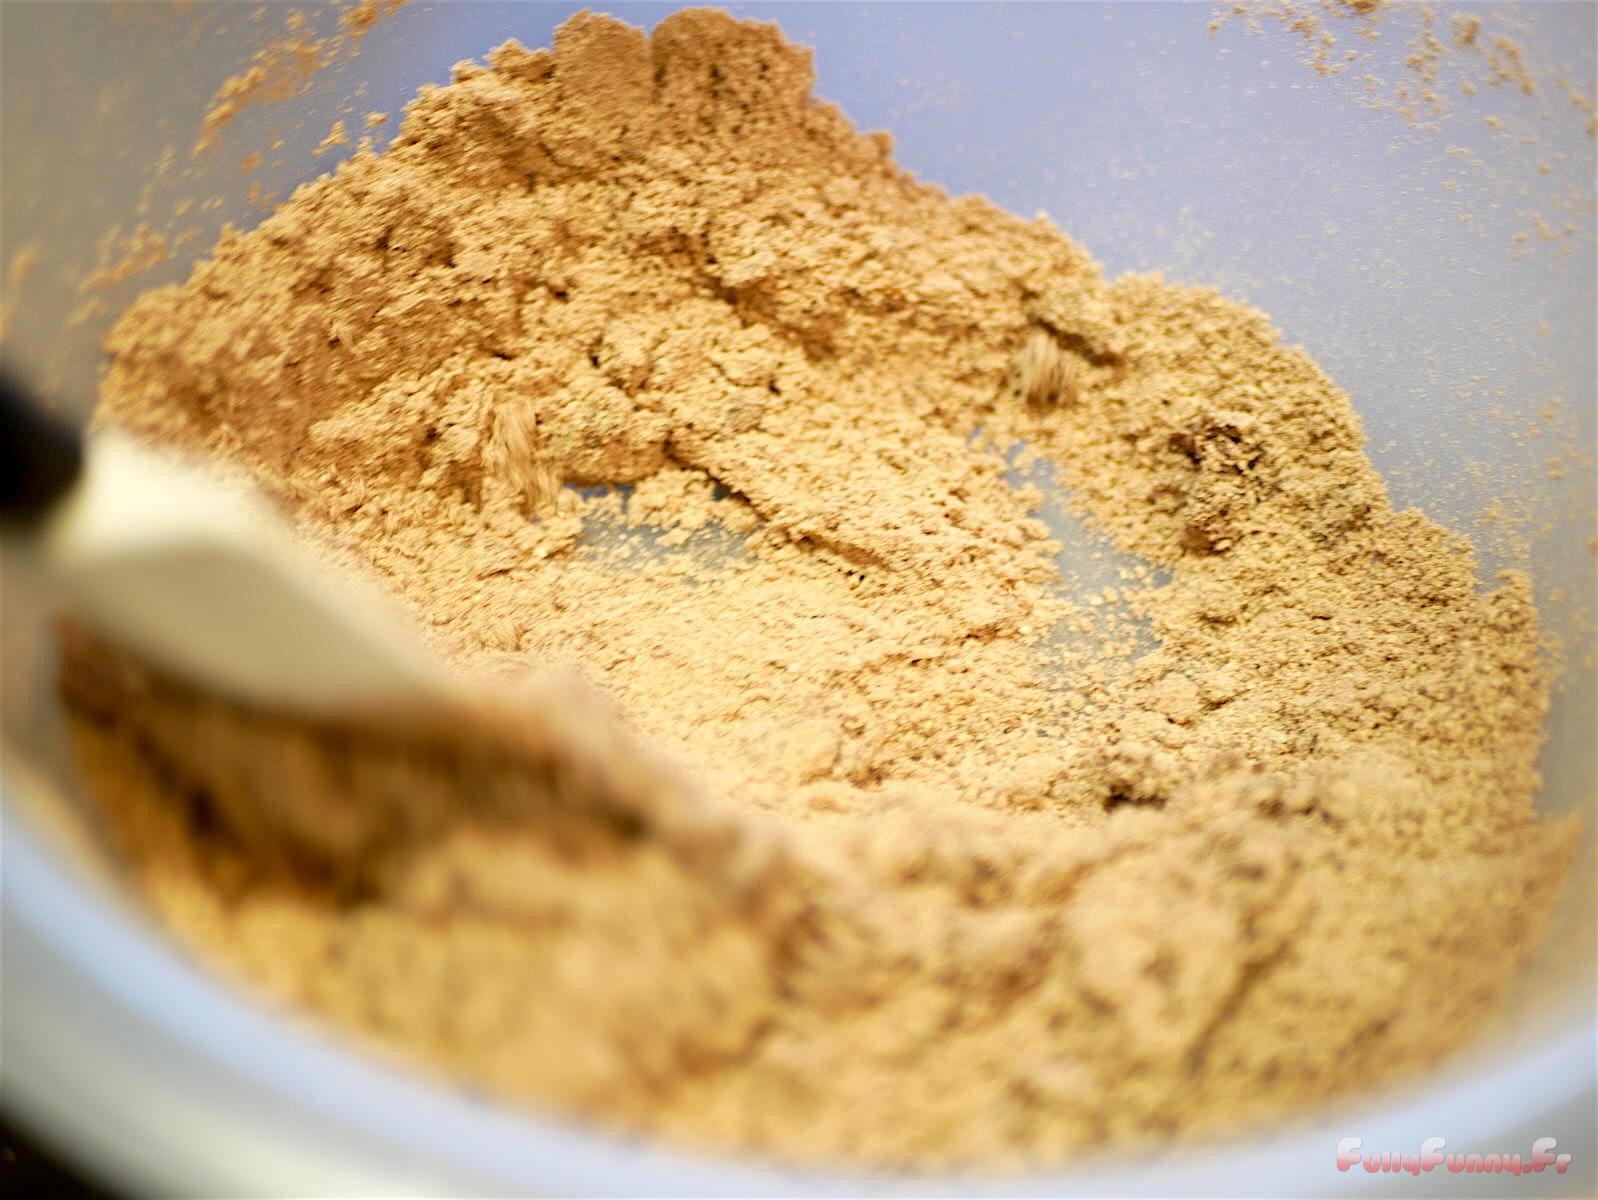 labo gato cours de macarons avec quot anis amande quot et la recette des macarons chocolat fully